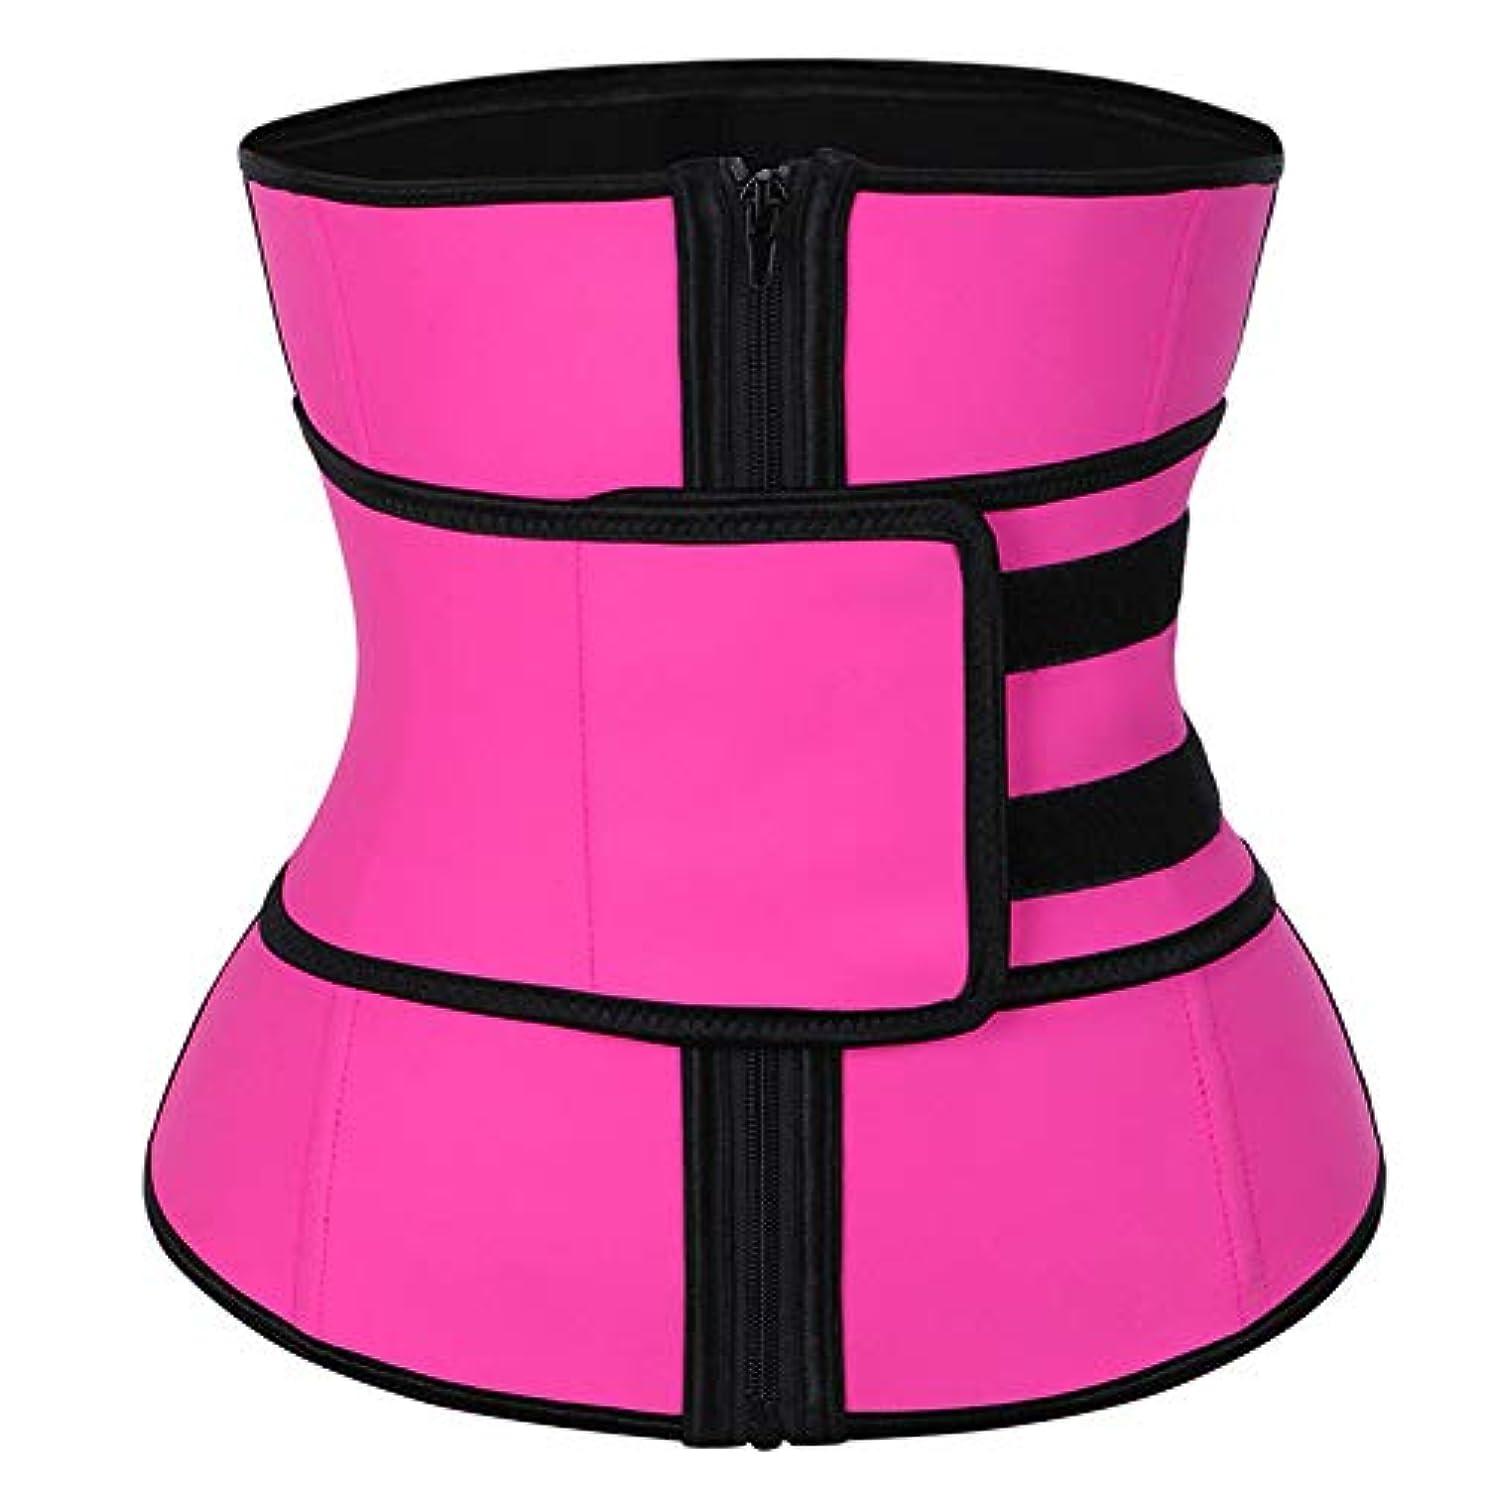 センチメンタルレベルひどい女性のウエストトレーニングコルセットコルセットネオプレン付きジッパーウエストスリムベルトラテックスラテックス通気性ウエストボディシェイプ,Pink,XL